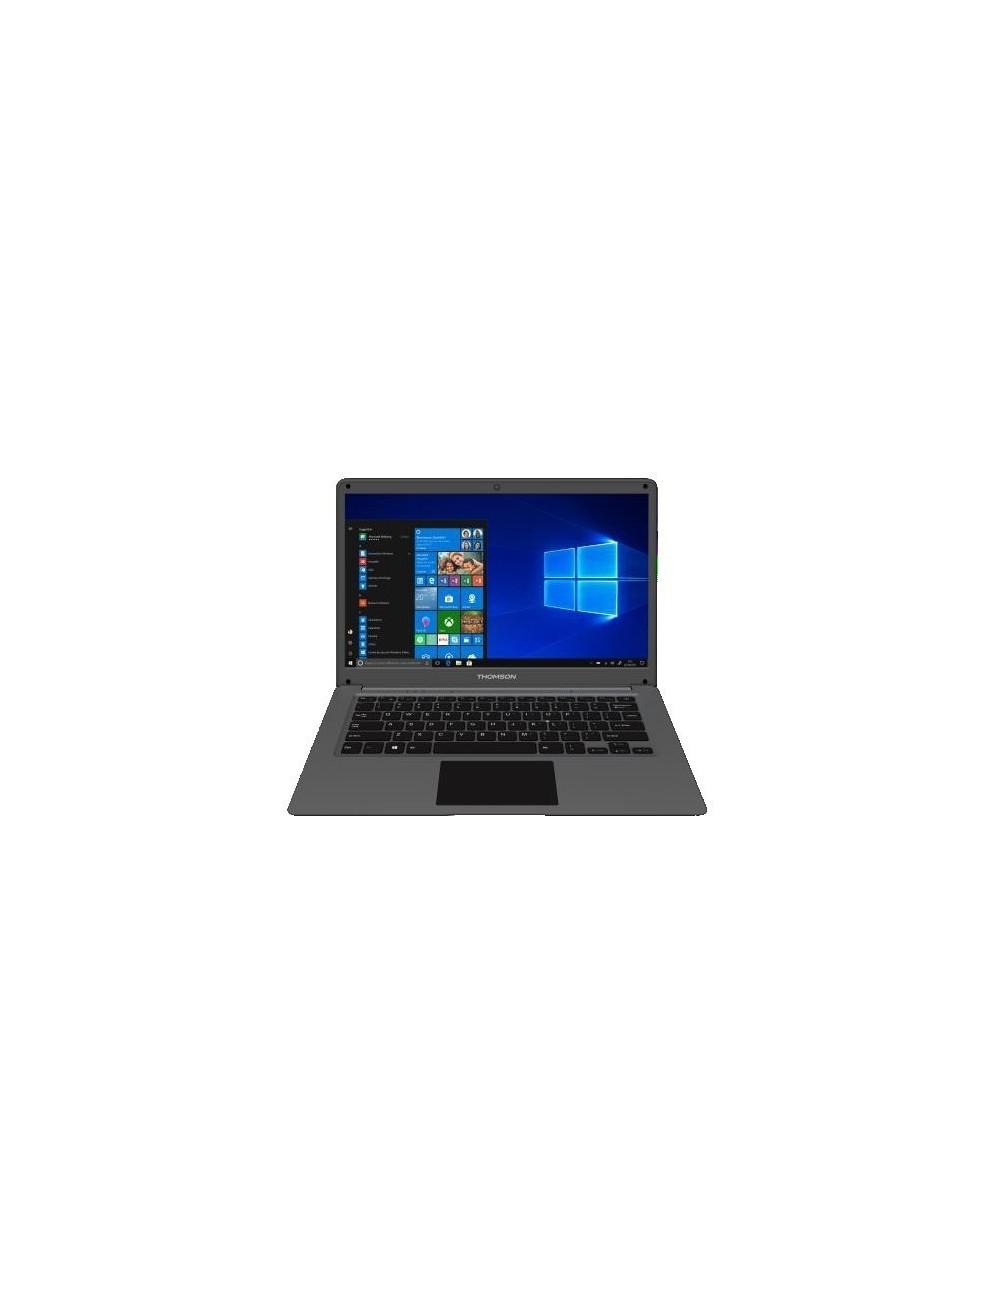 """Portátil Thomson SPN14C4TUN 14"""" 4GB Ram Hd Intel Celeron Ips 64GB + 256GBSSD W10"""